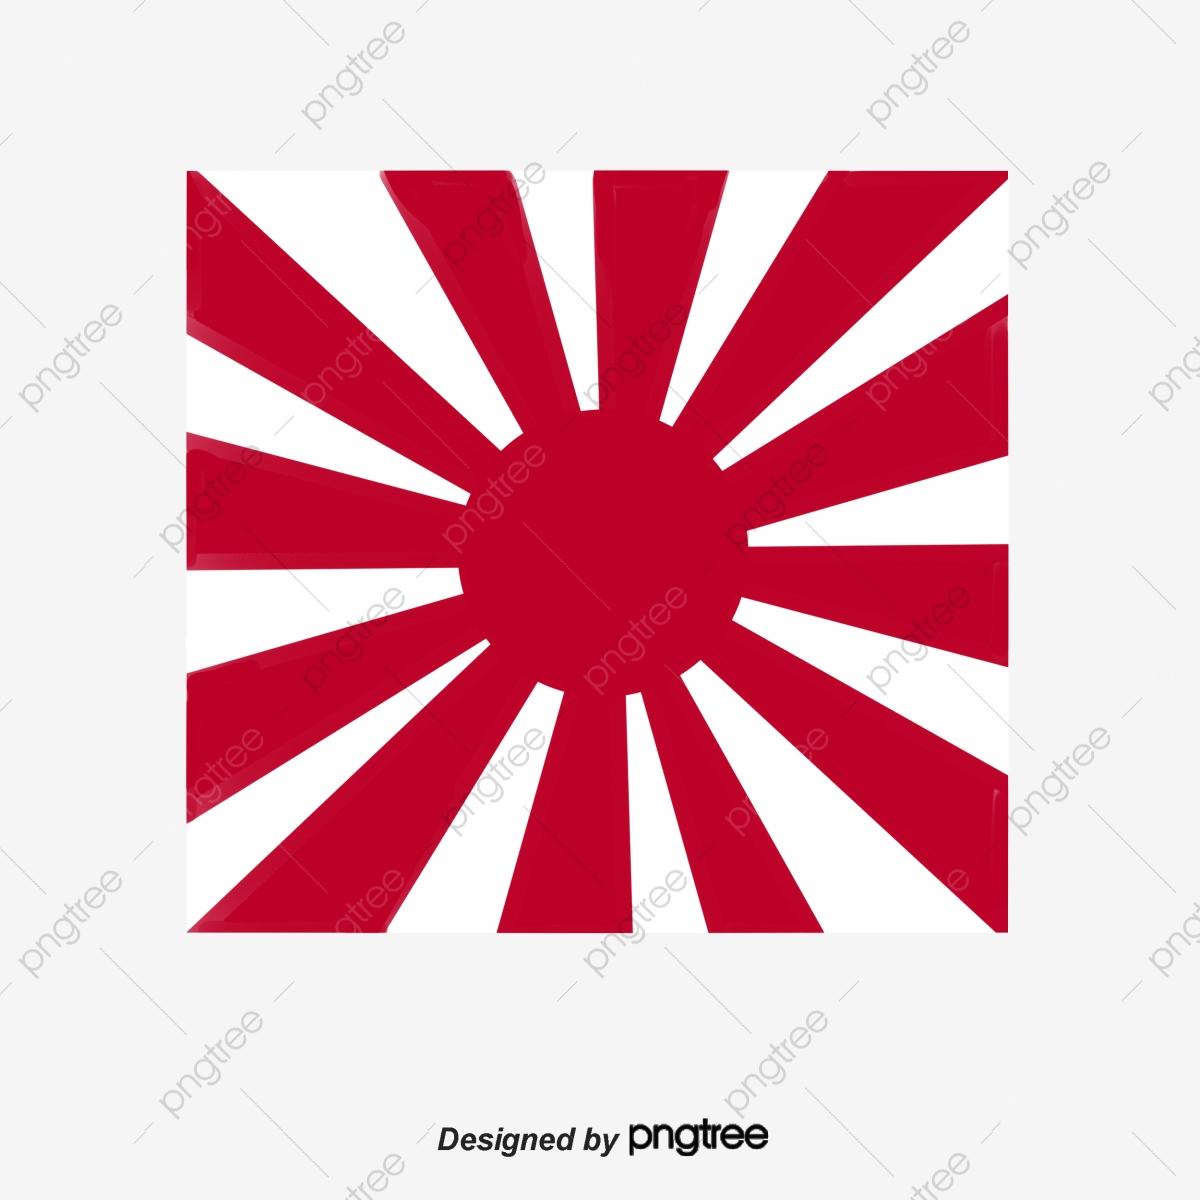 Bandera Japonesa De Rayas Blancas Y Rojas Bandera A Mano Bandera